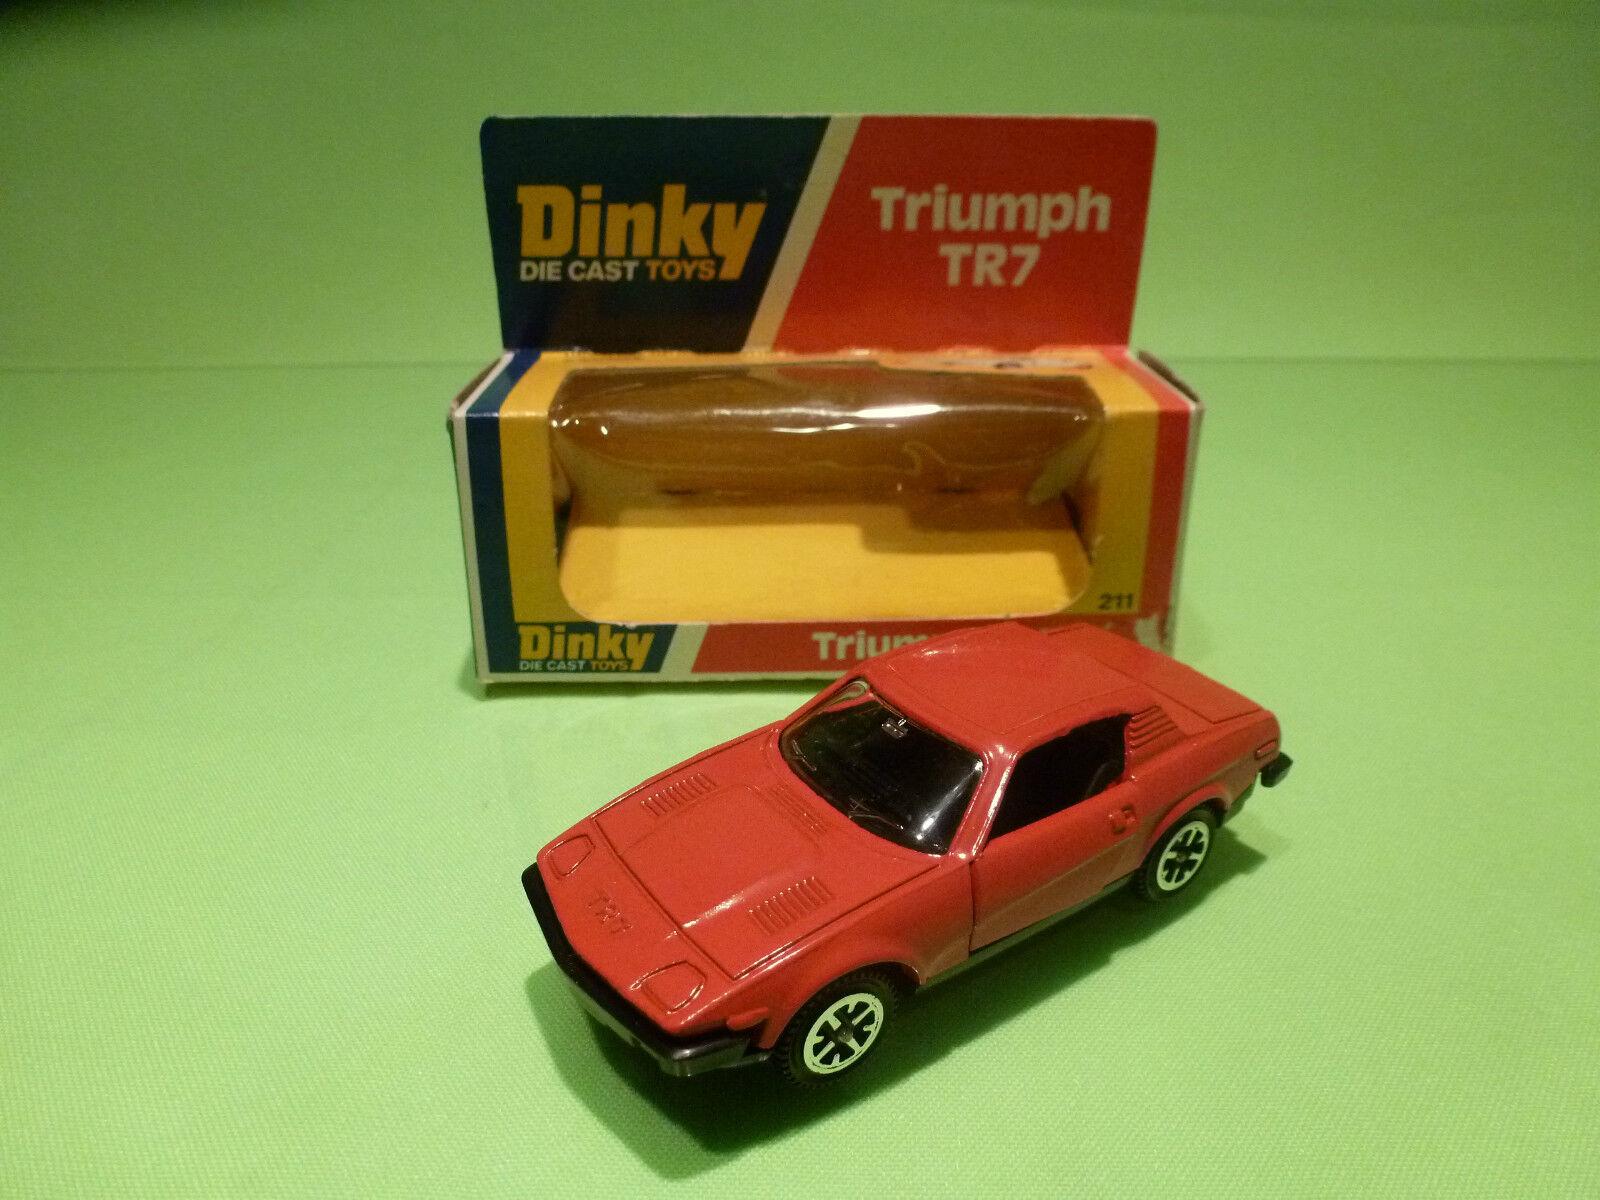 DINKY TOYS 211 TRIUMPH TR7 - rosso - RARE SELTEN - GOOD CONDITION IN BOX